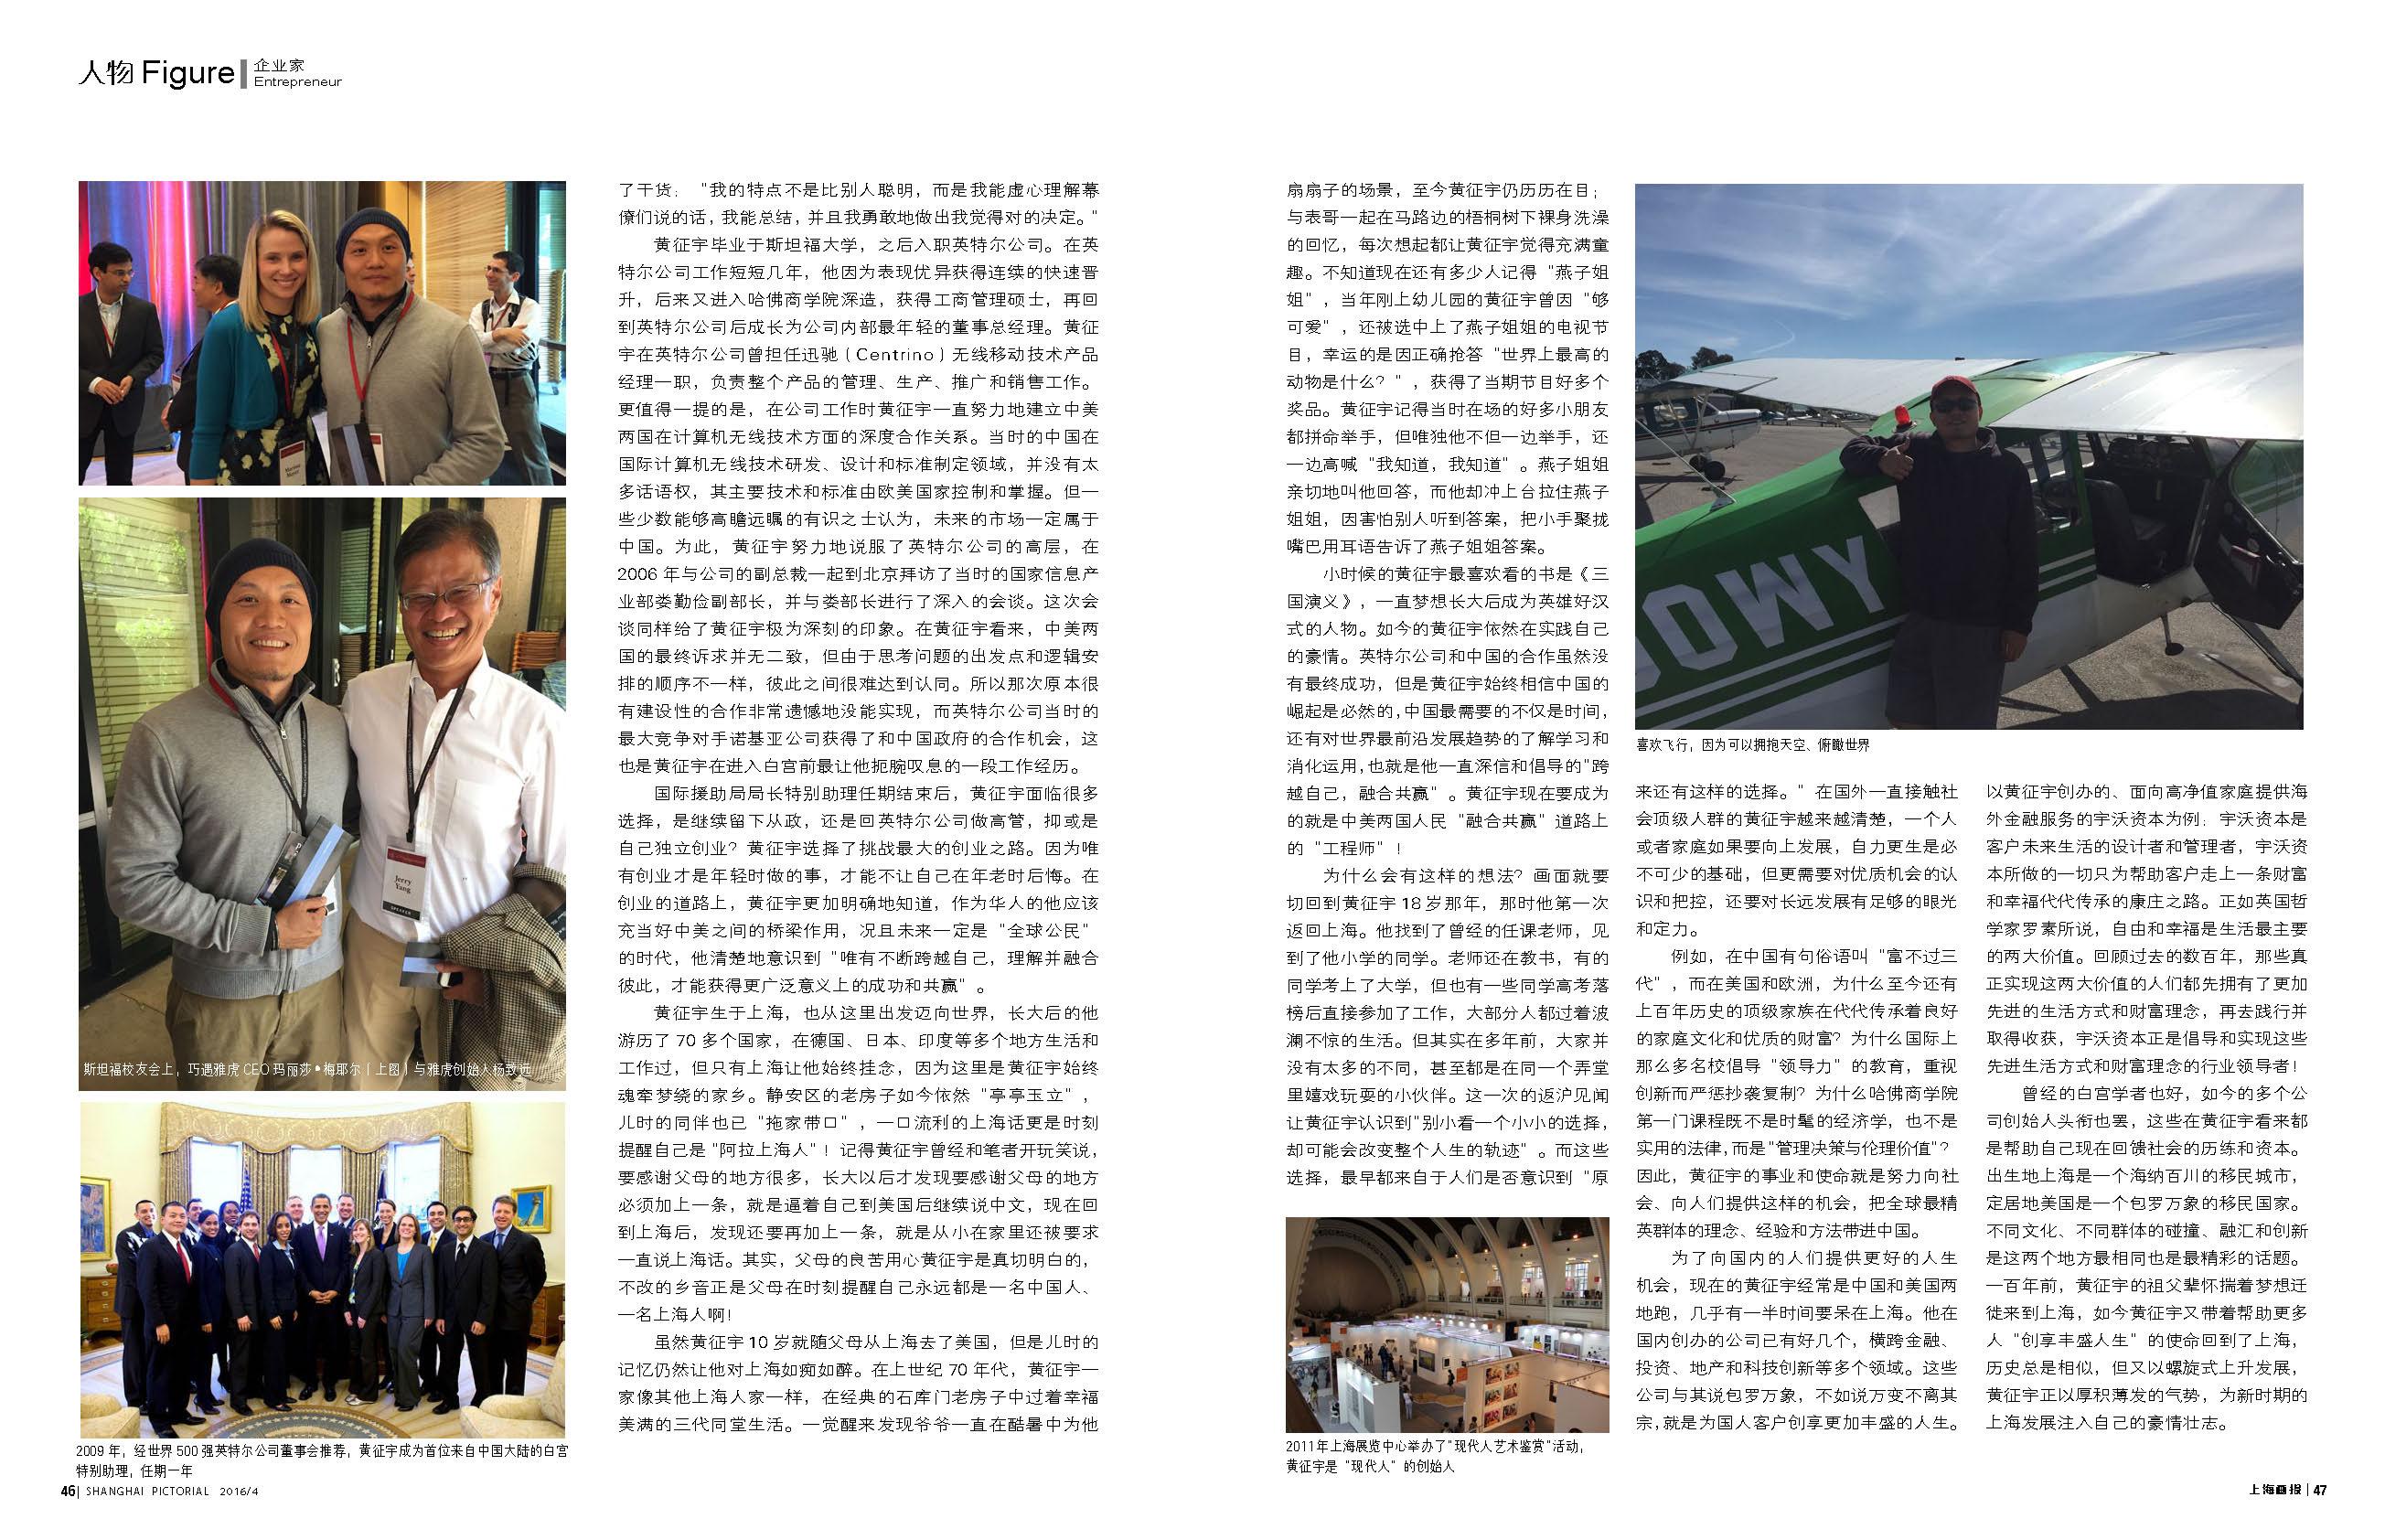 从上海弄堂走出来的白宫学者_页面_2